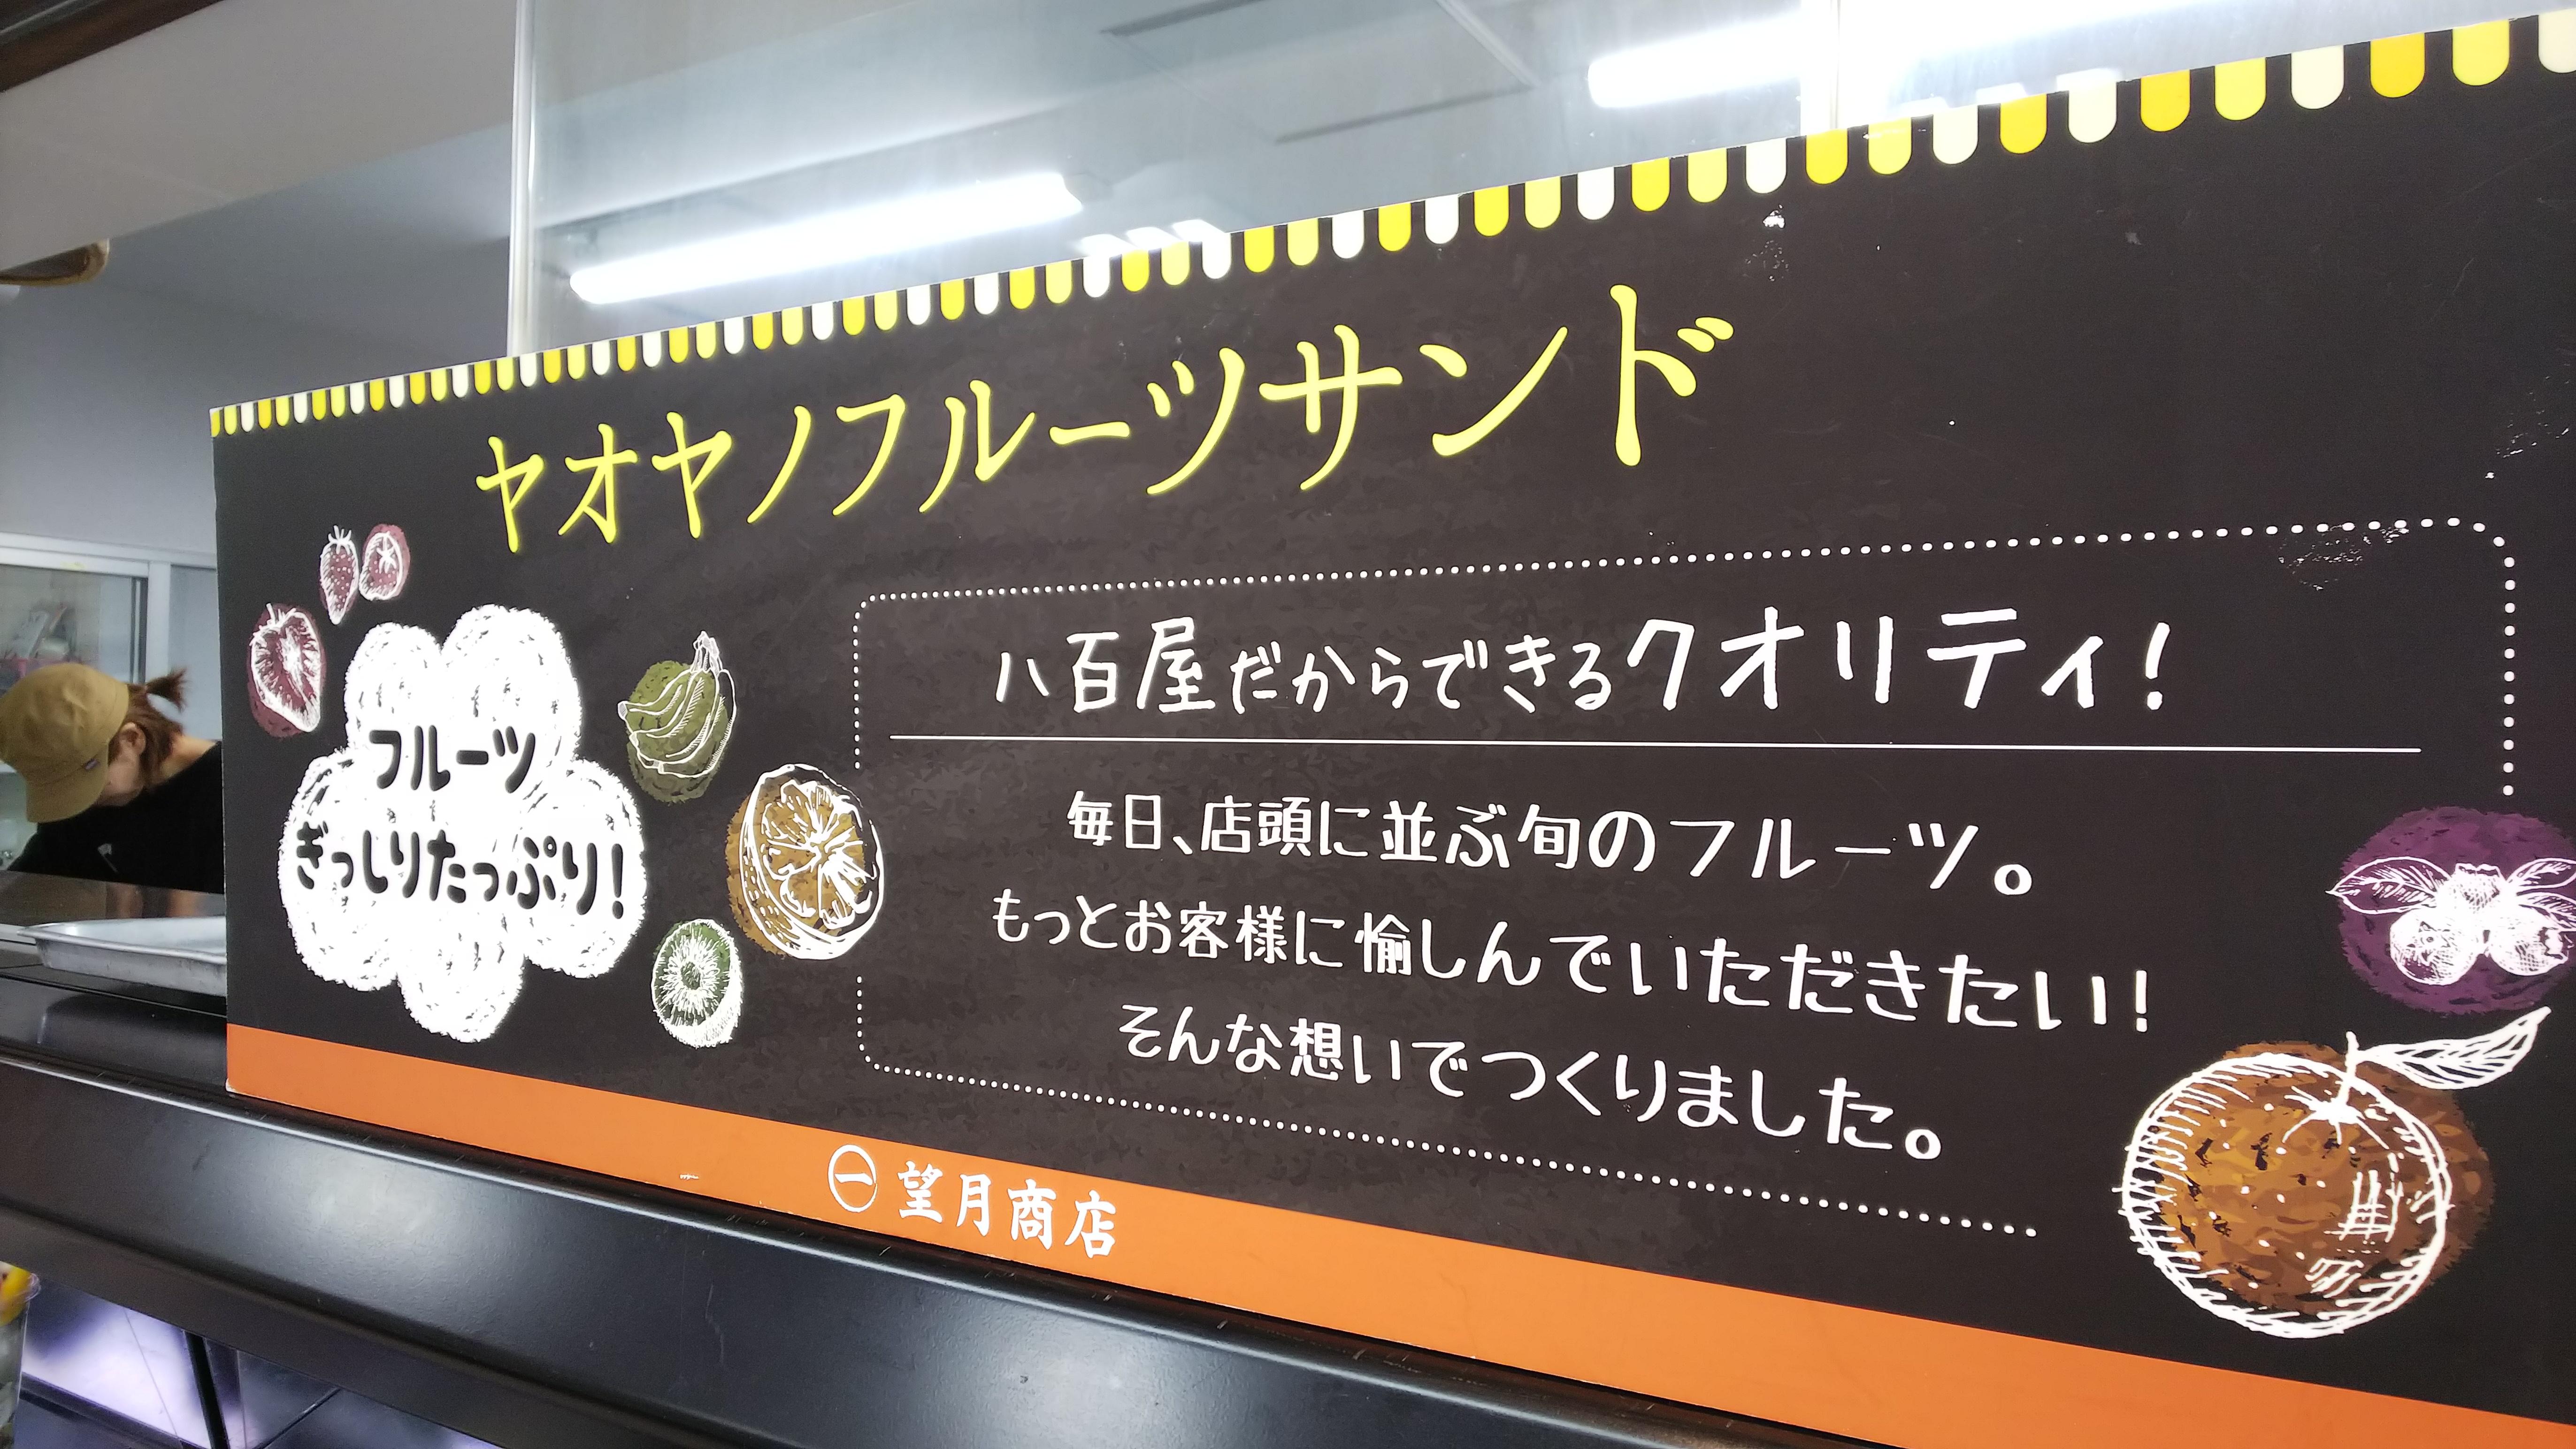 ヤオヤノフルーツサンド望月商店(富士宮)